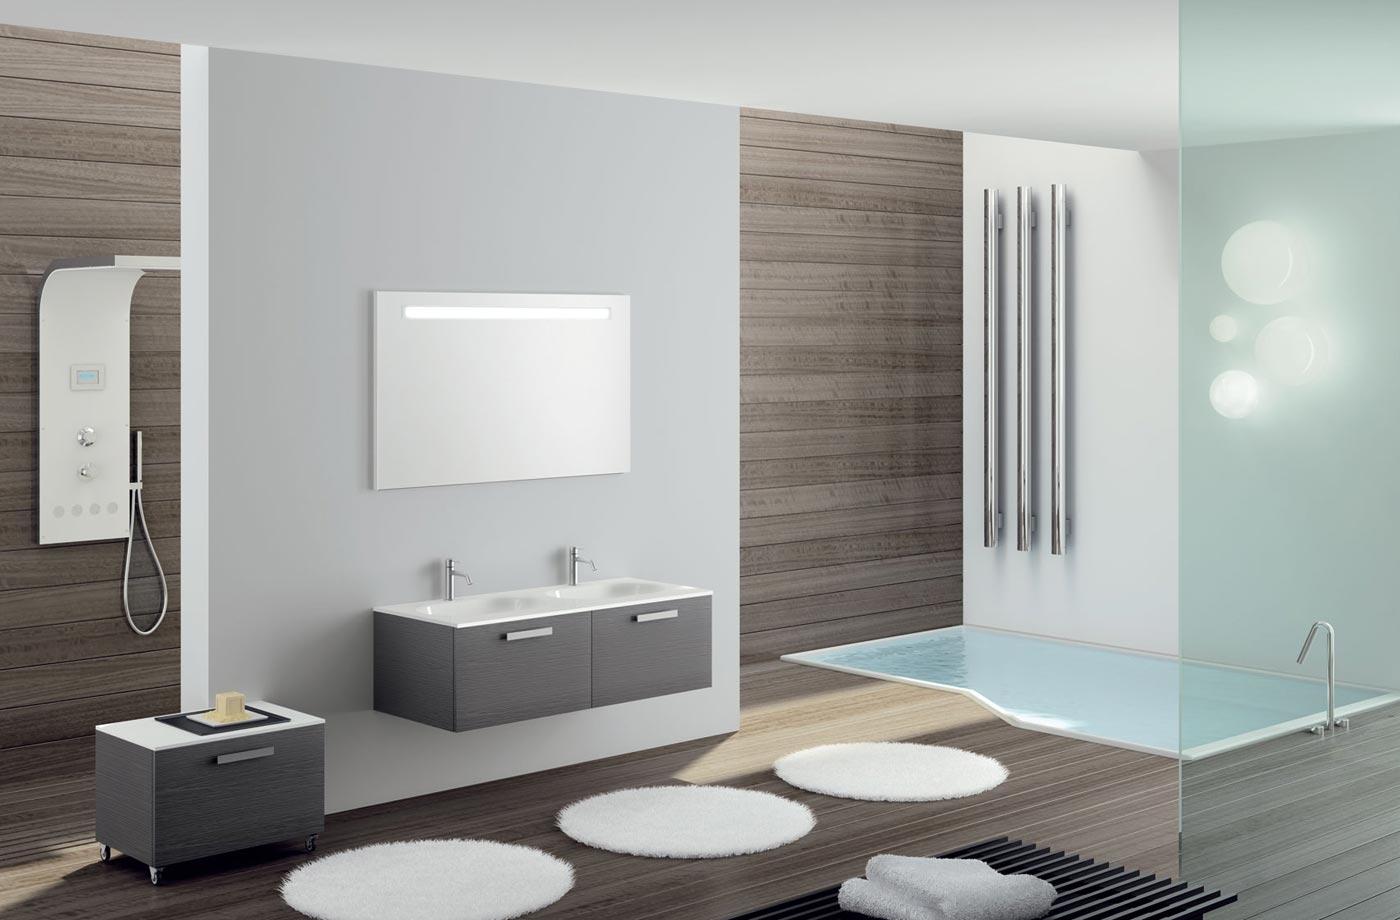 Черно-белая мебель в ванной в стиле хай-тек